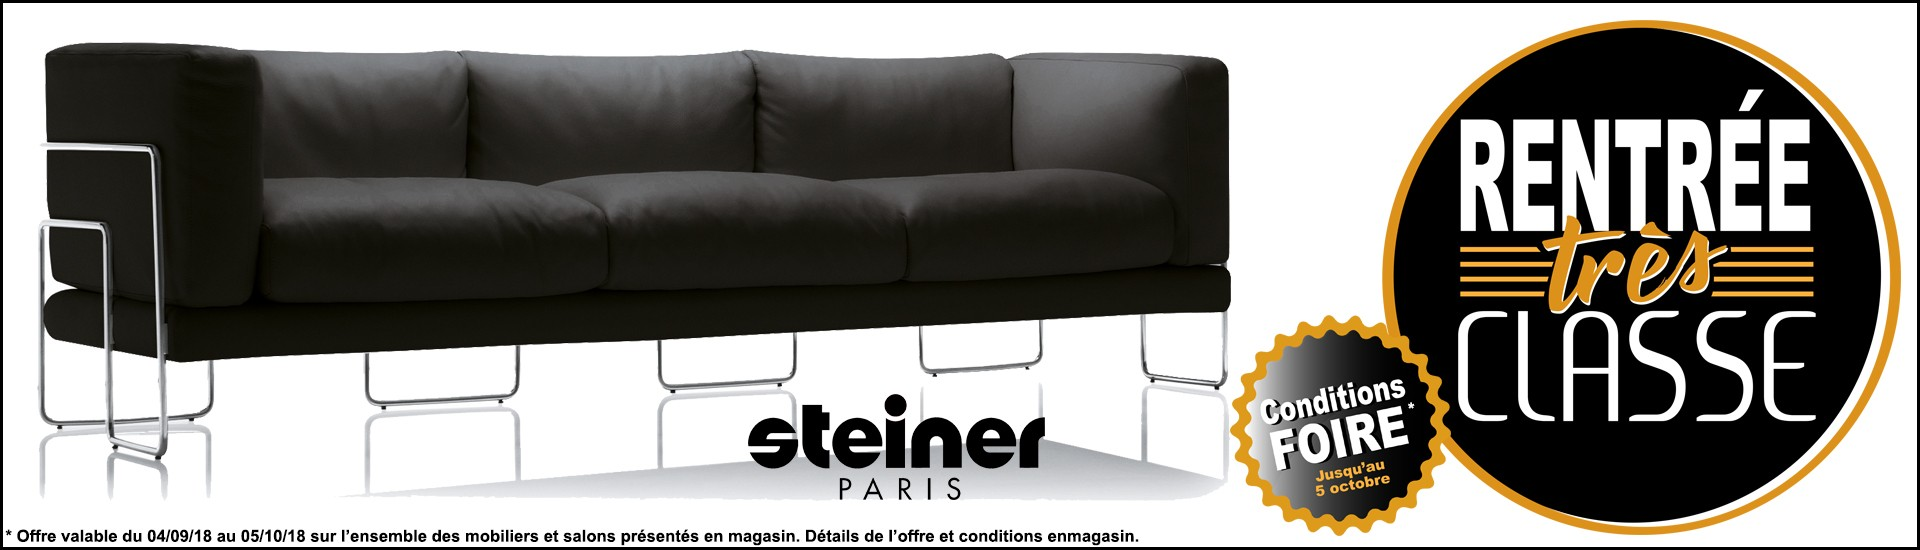 GLOBAL Meubles ClermontFerrand MEUBLES LITERIE SALONS - Magasin de meubles clermont ferrand